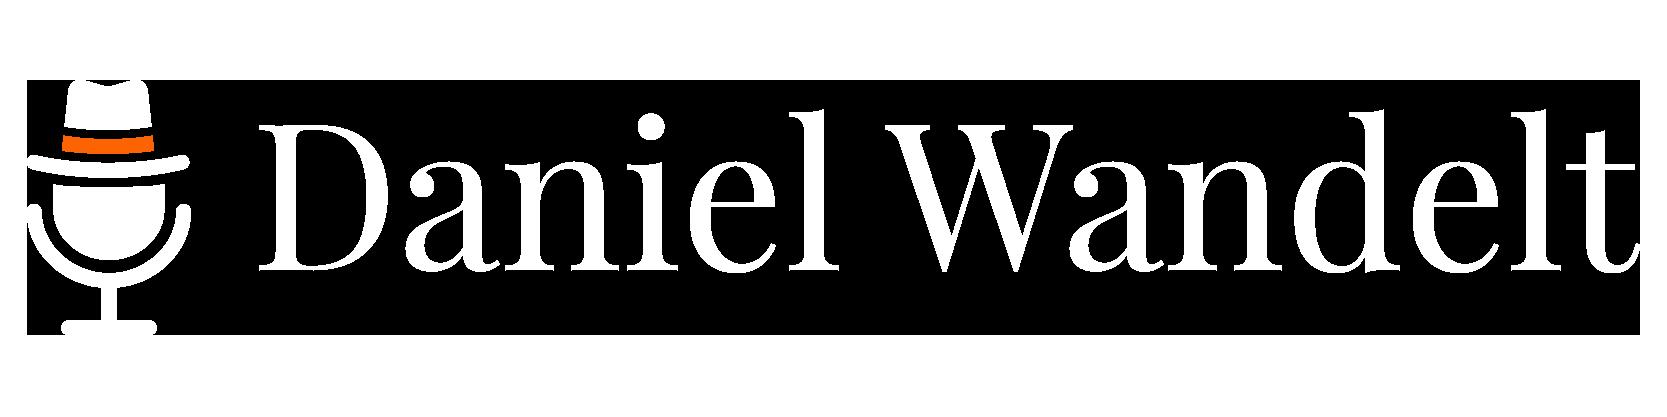 Daniel Wandelt - Schauspieler und Sprecher